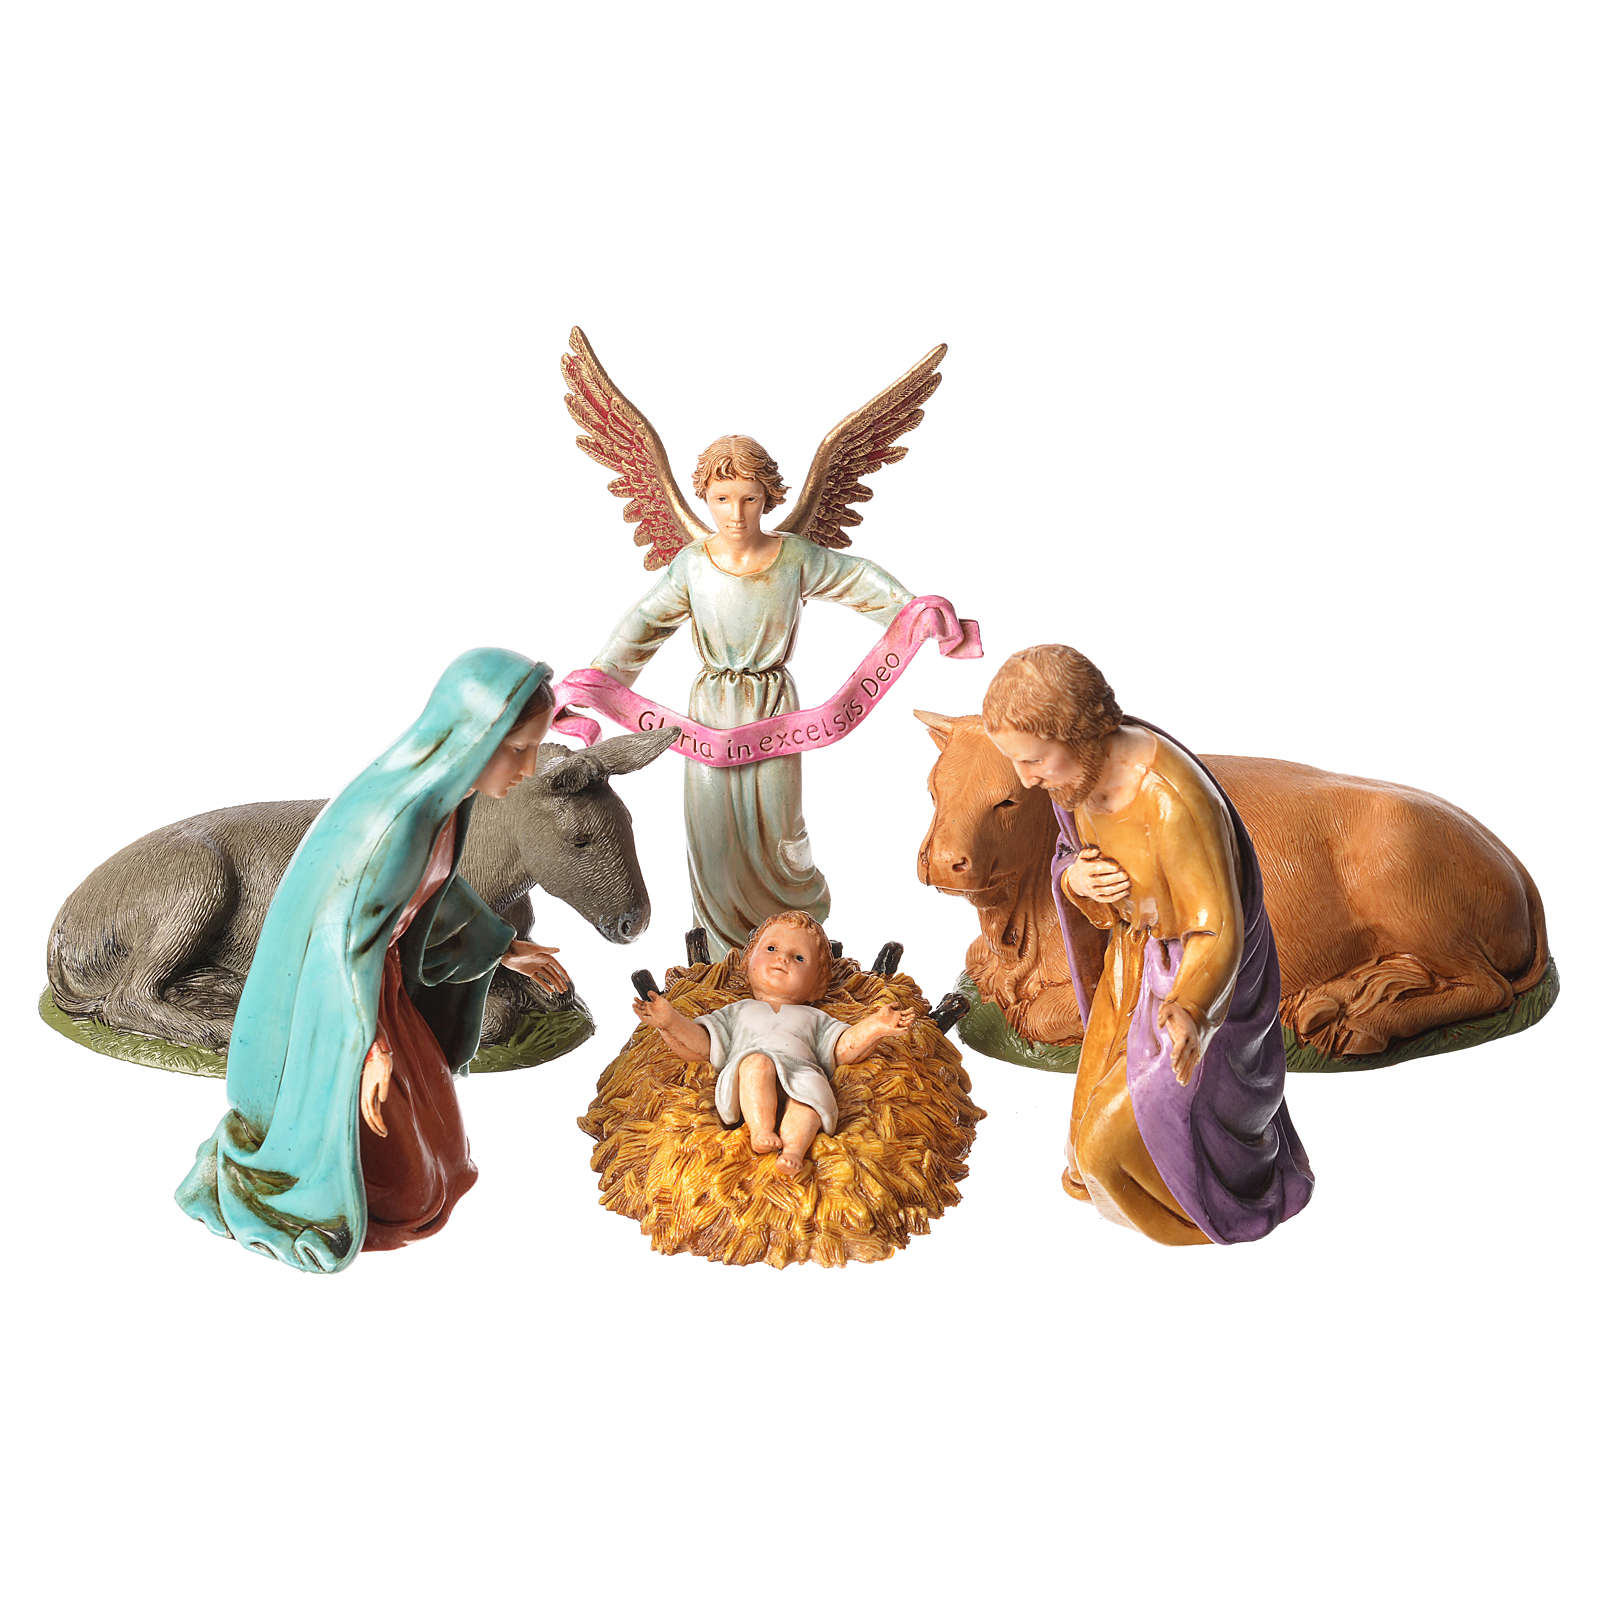 Nativité 12 cm crèche Moranduzzo 6 pcs 4